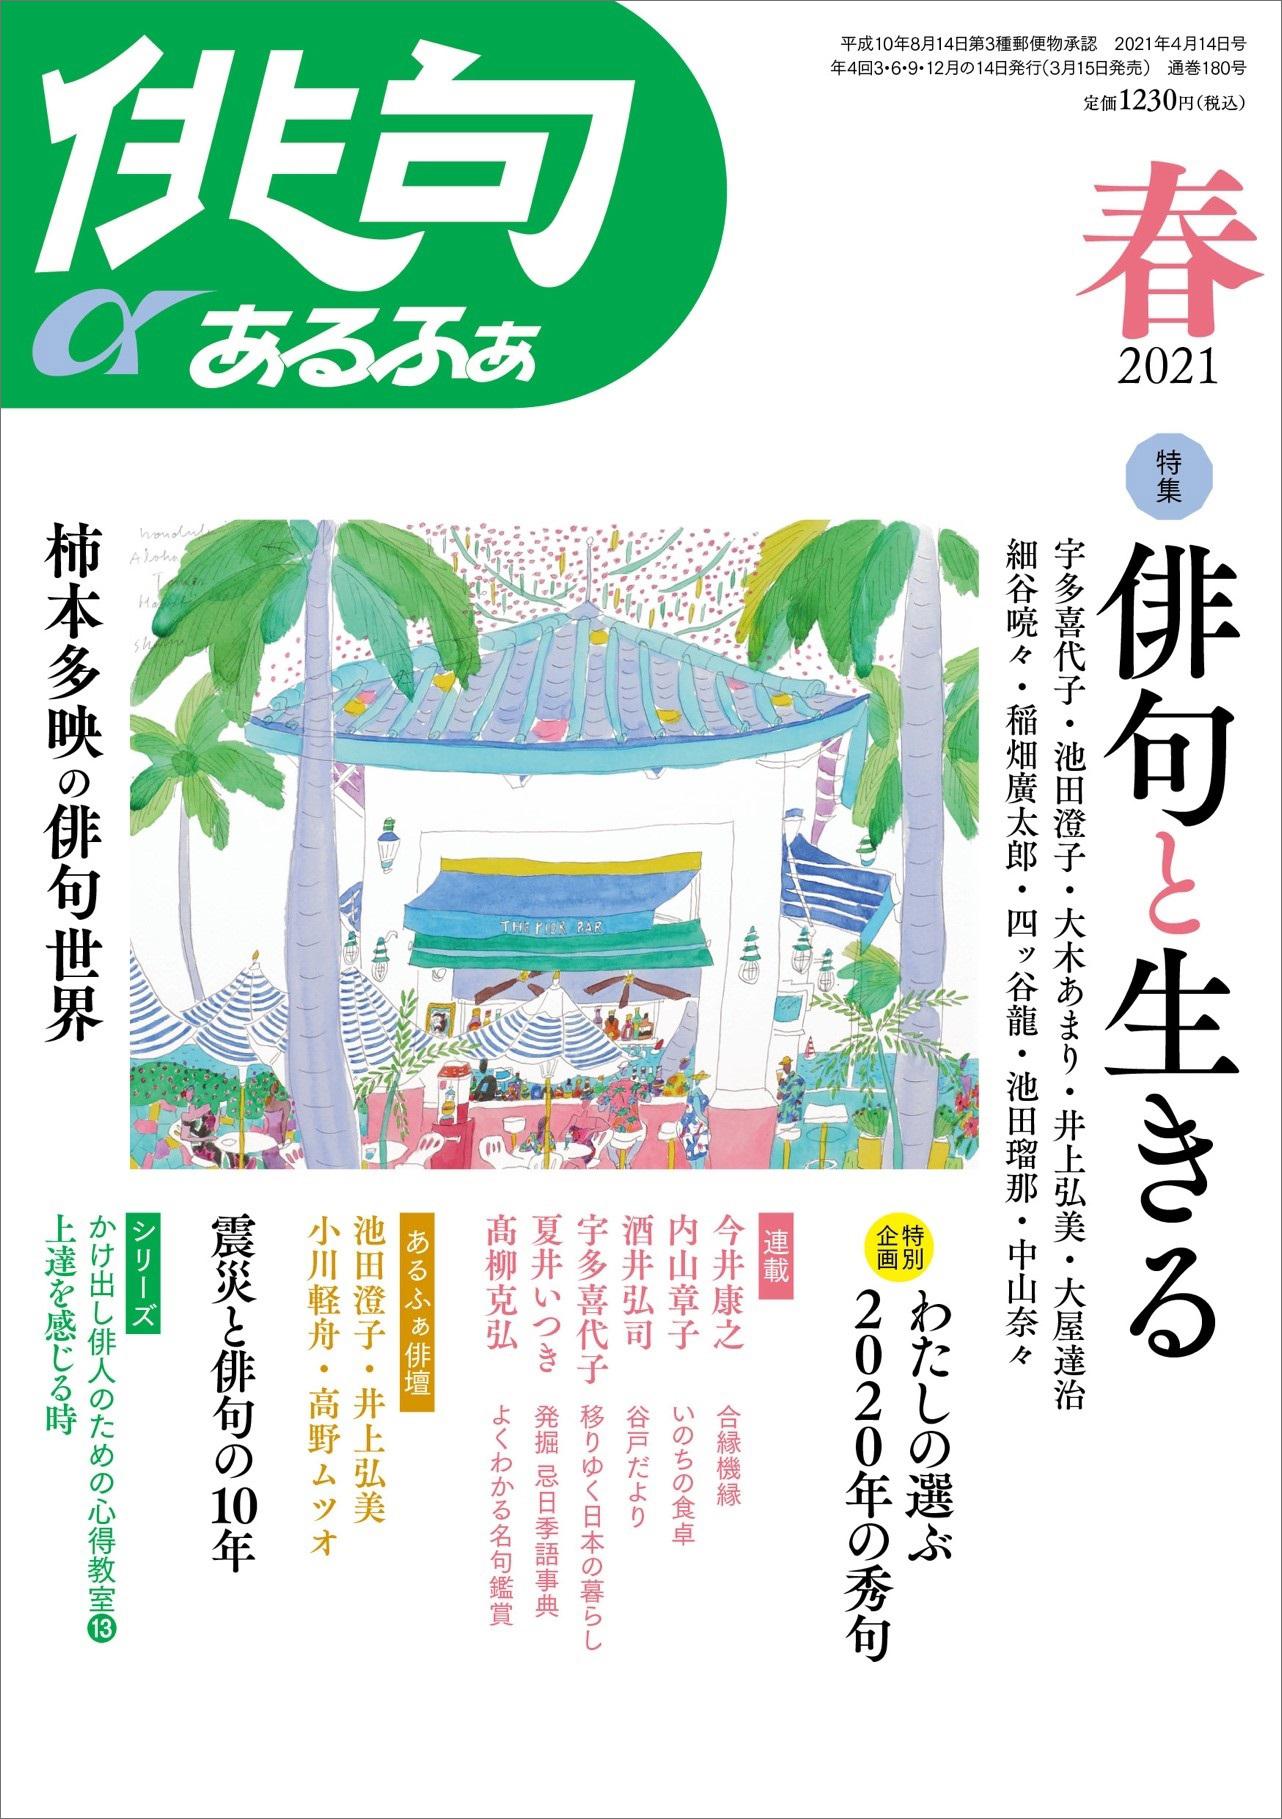 書影:俳句αあるふぁ2021年春号